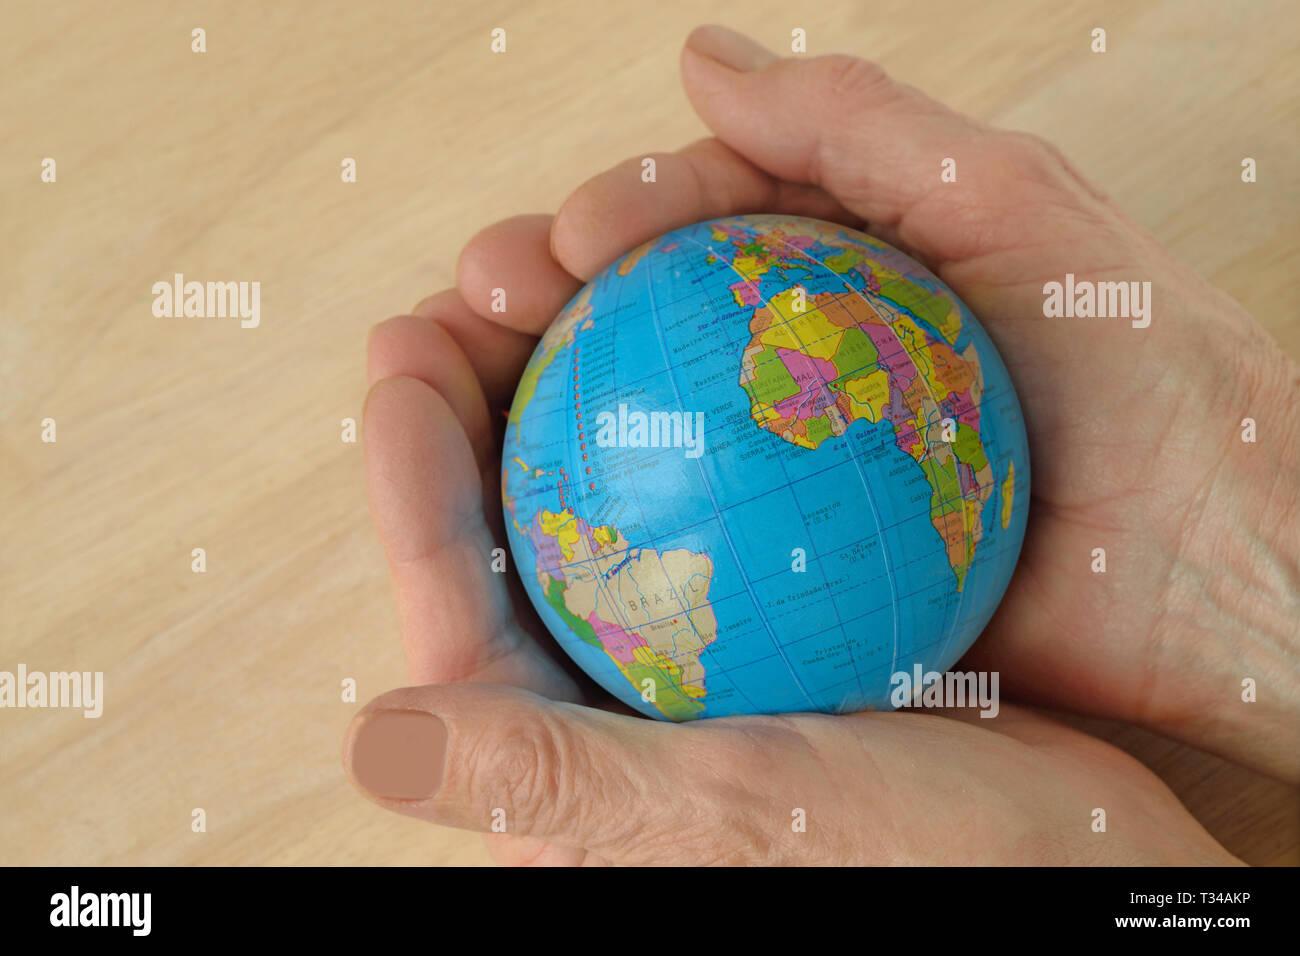 Donna mani tenendo il mondo - Concetto di proteggere e salvare il mondo Immagini Stock